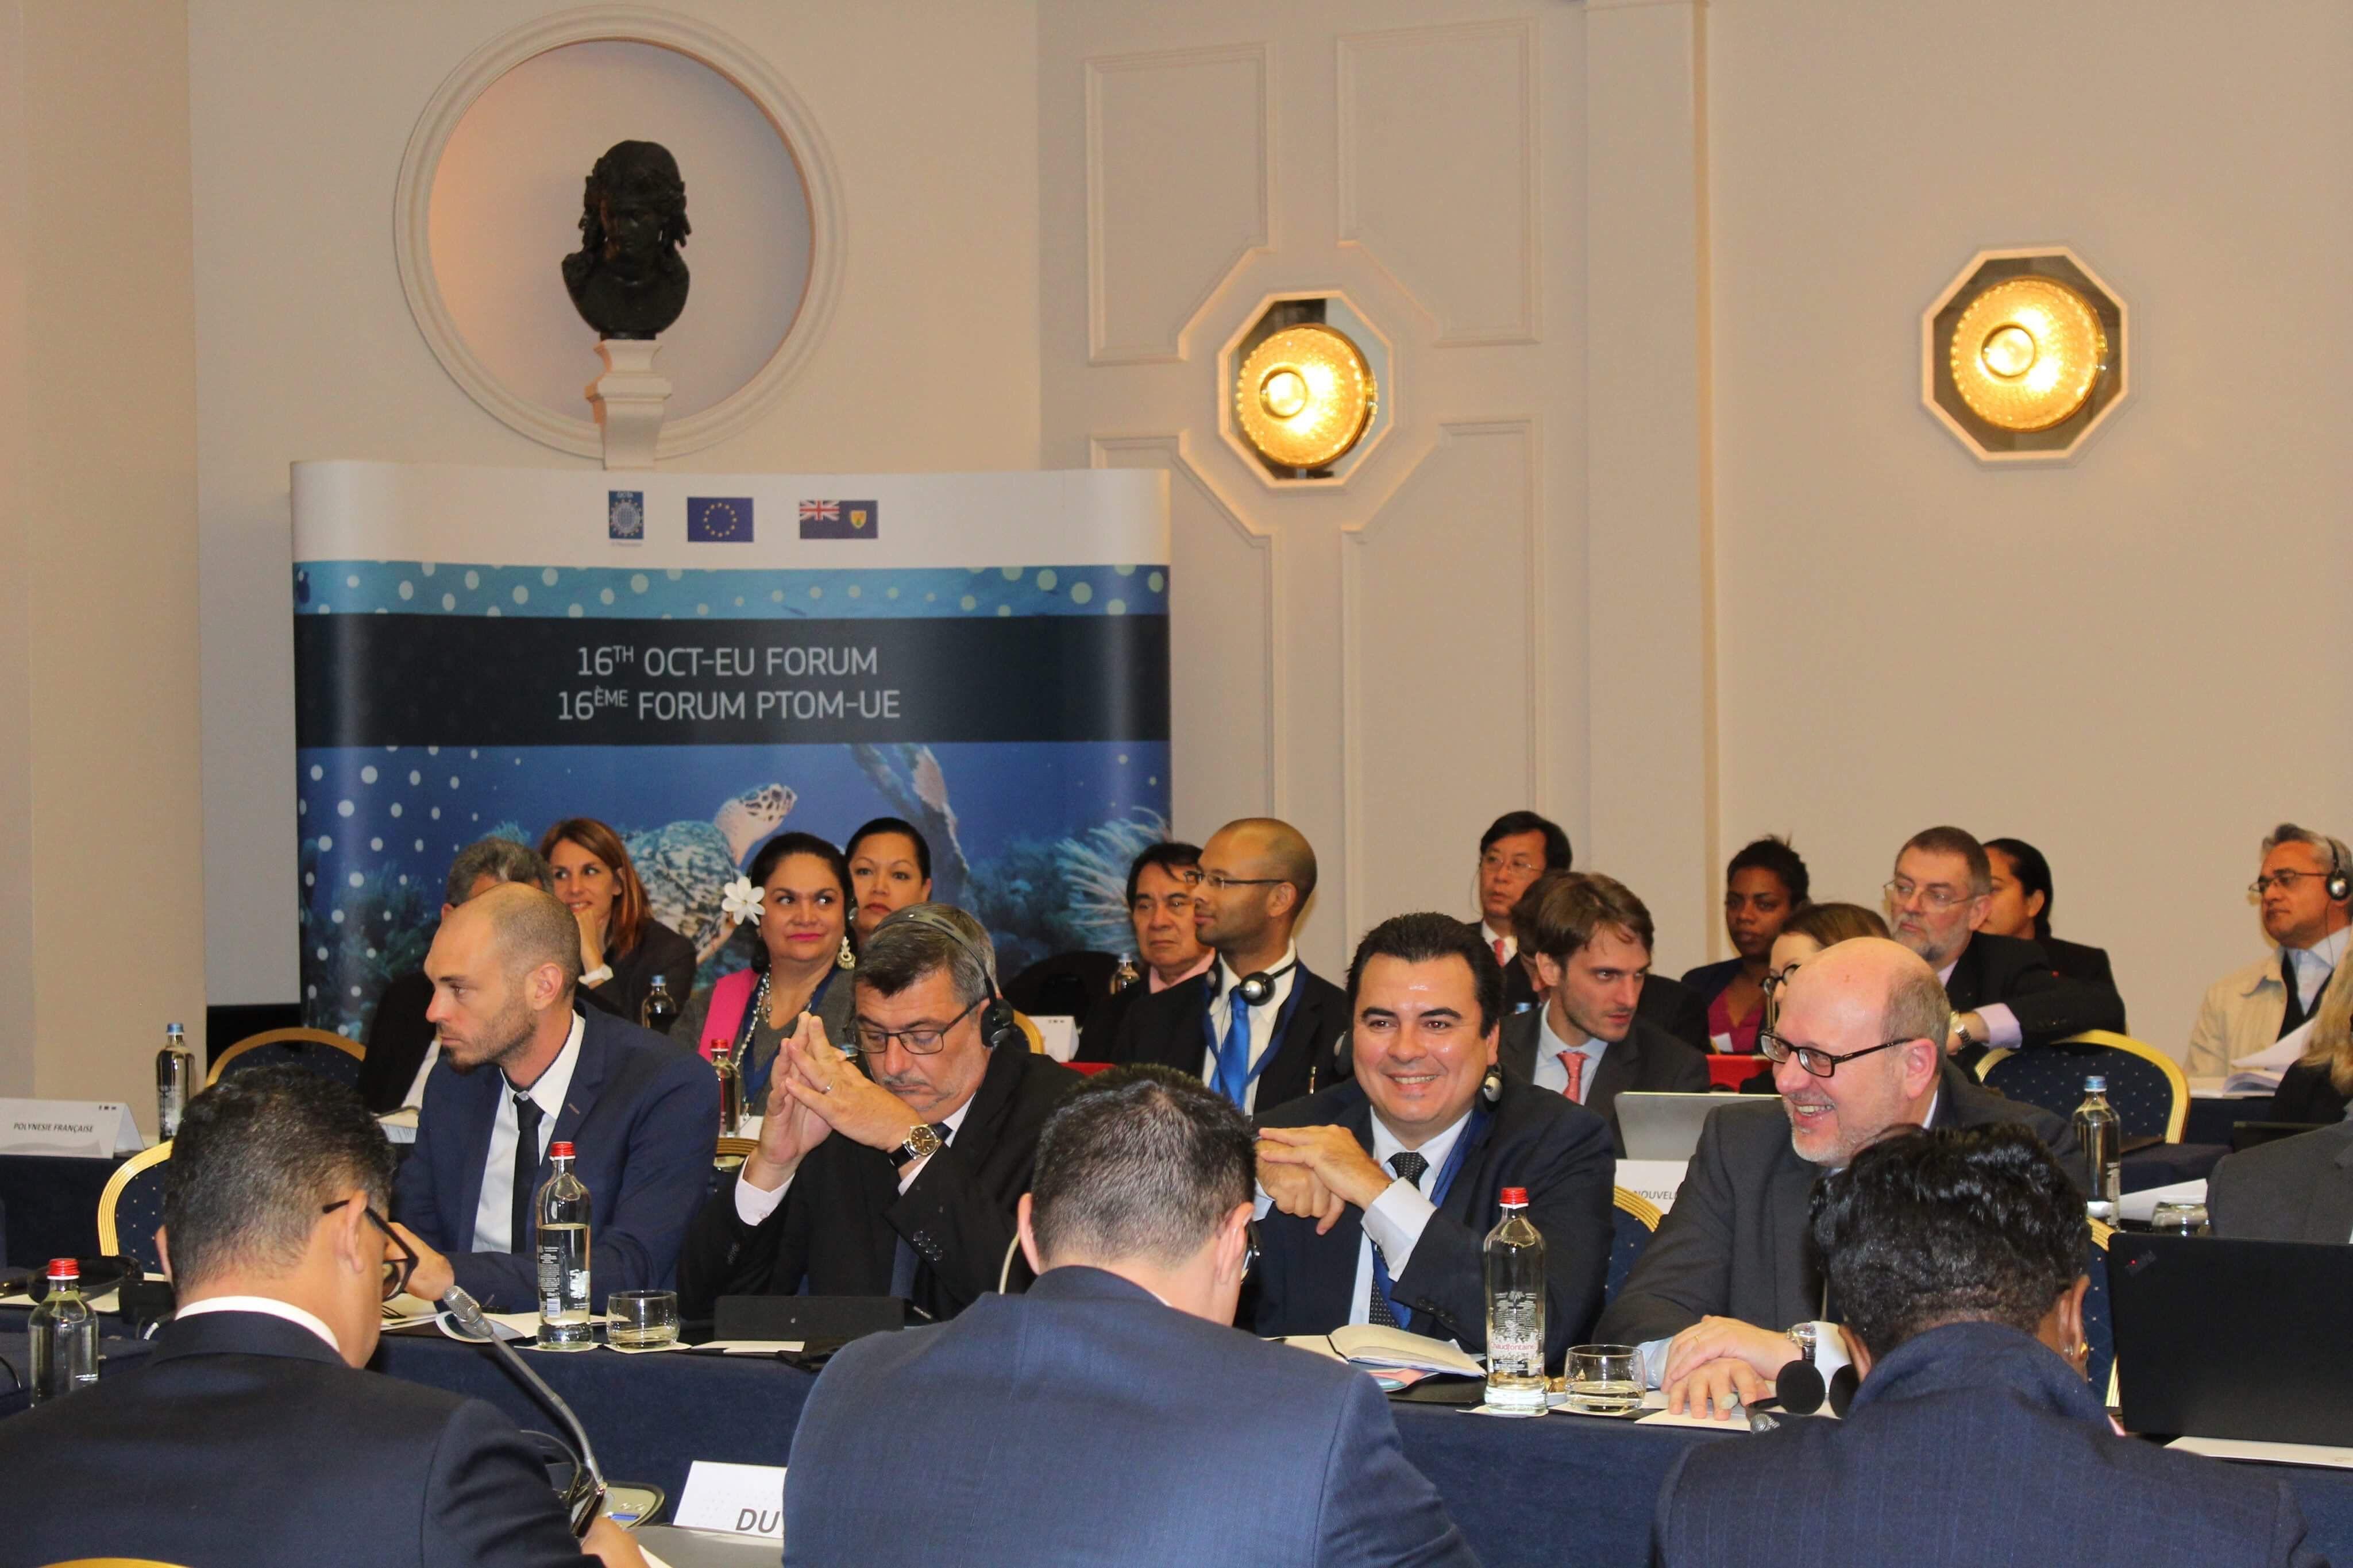 Le vice-président de la Polynésie française, Teva Rohfritsch lors la 16ème conférence ministérielle de l'Association des 25 pays et territoires d'Outre-mer européens (OCTA), jeudi, à Bruxelles. Crédit photo : Présidence de la Polynésie française.